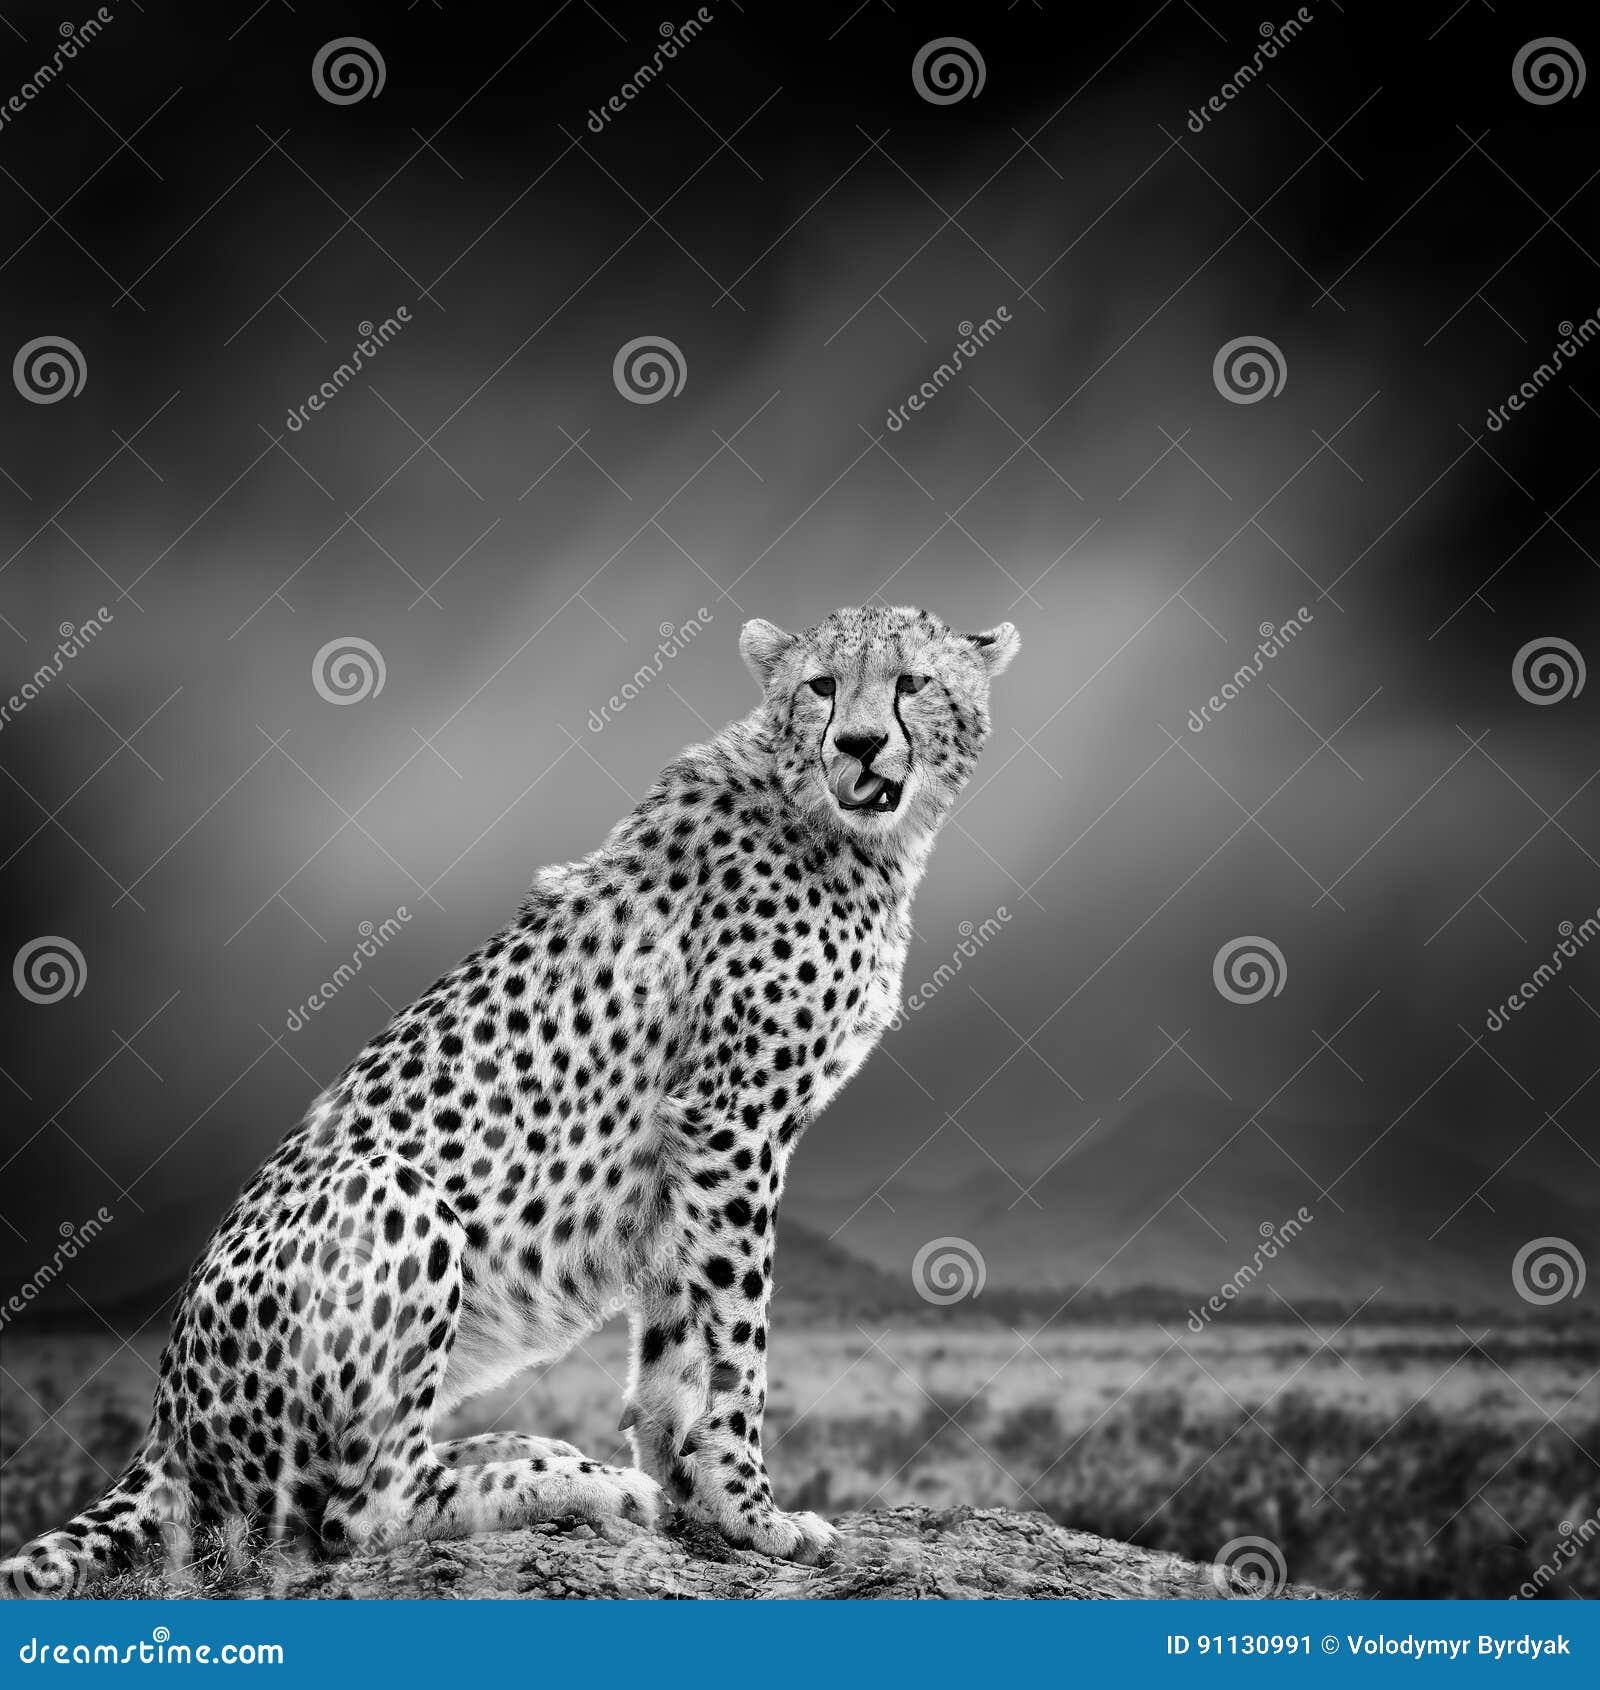 Immagine in bianco e nero di un ghepardo